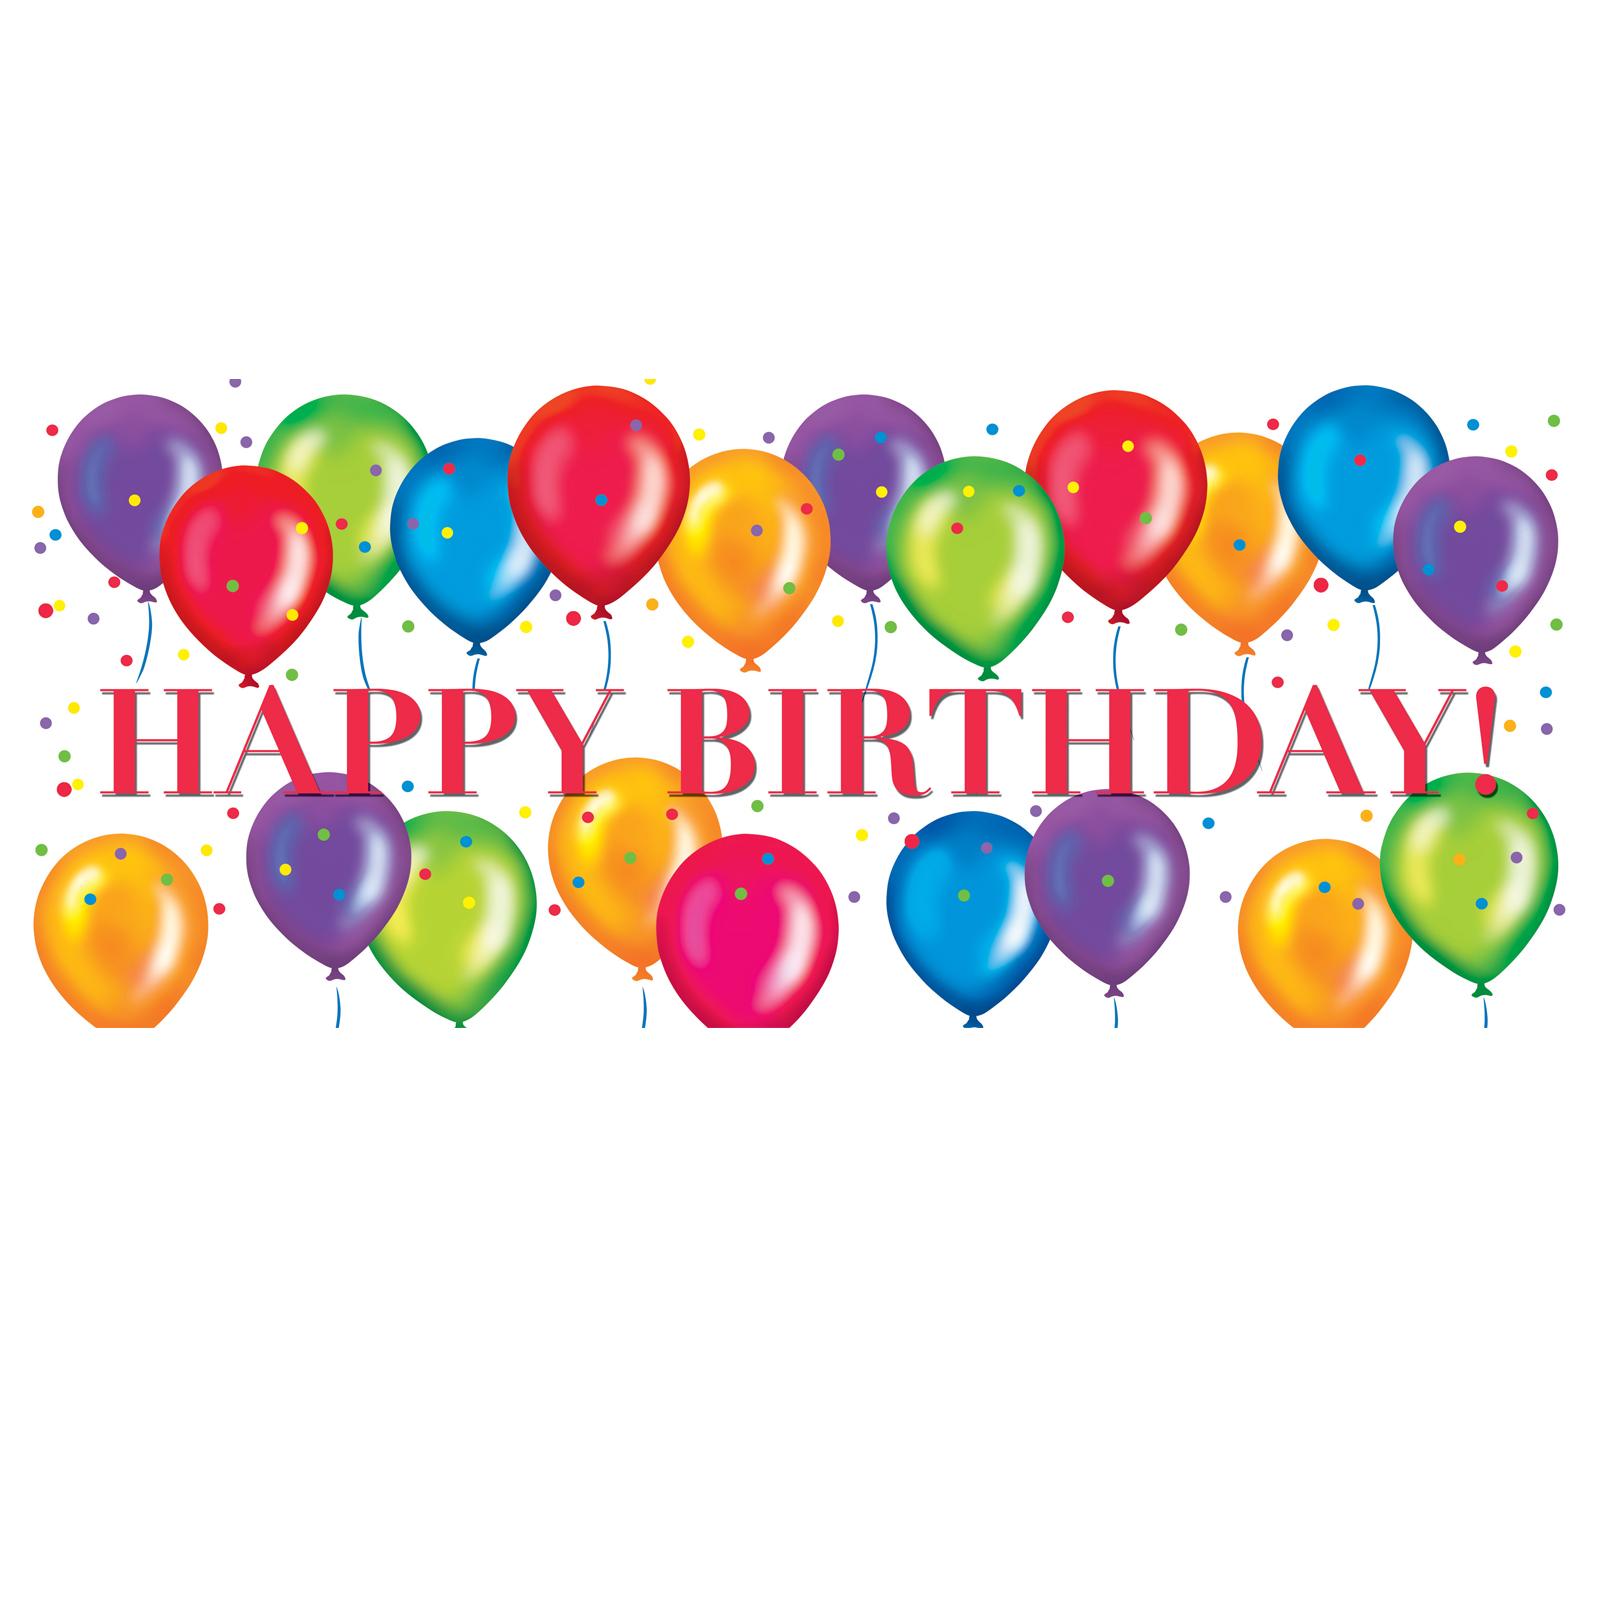 Happy Birthday Clipart Free - ClipartFes-Happy birthday clipart free - ClipartFest-17